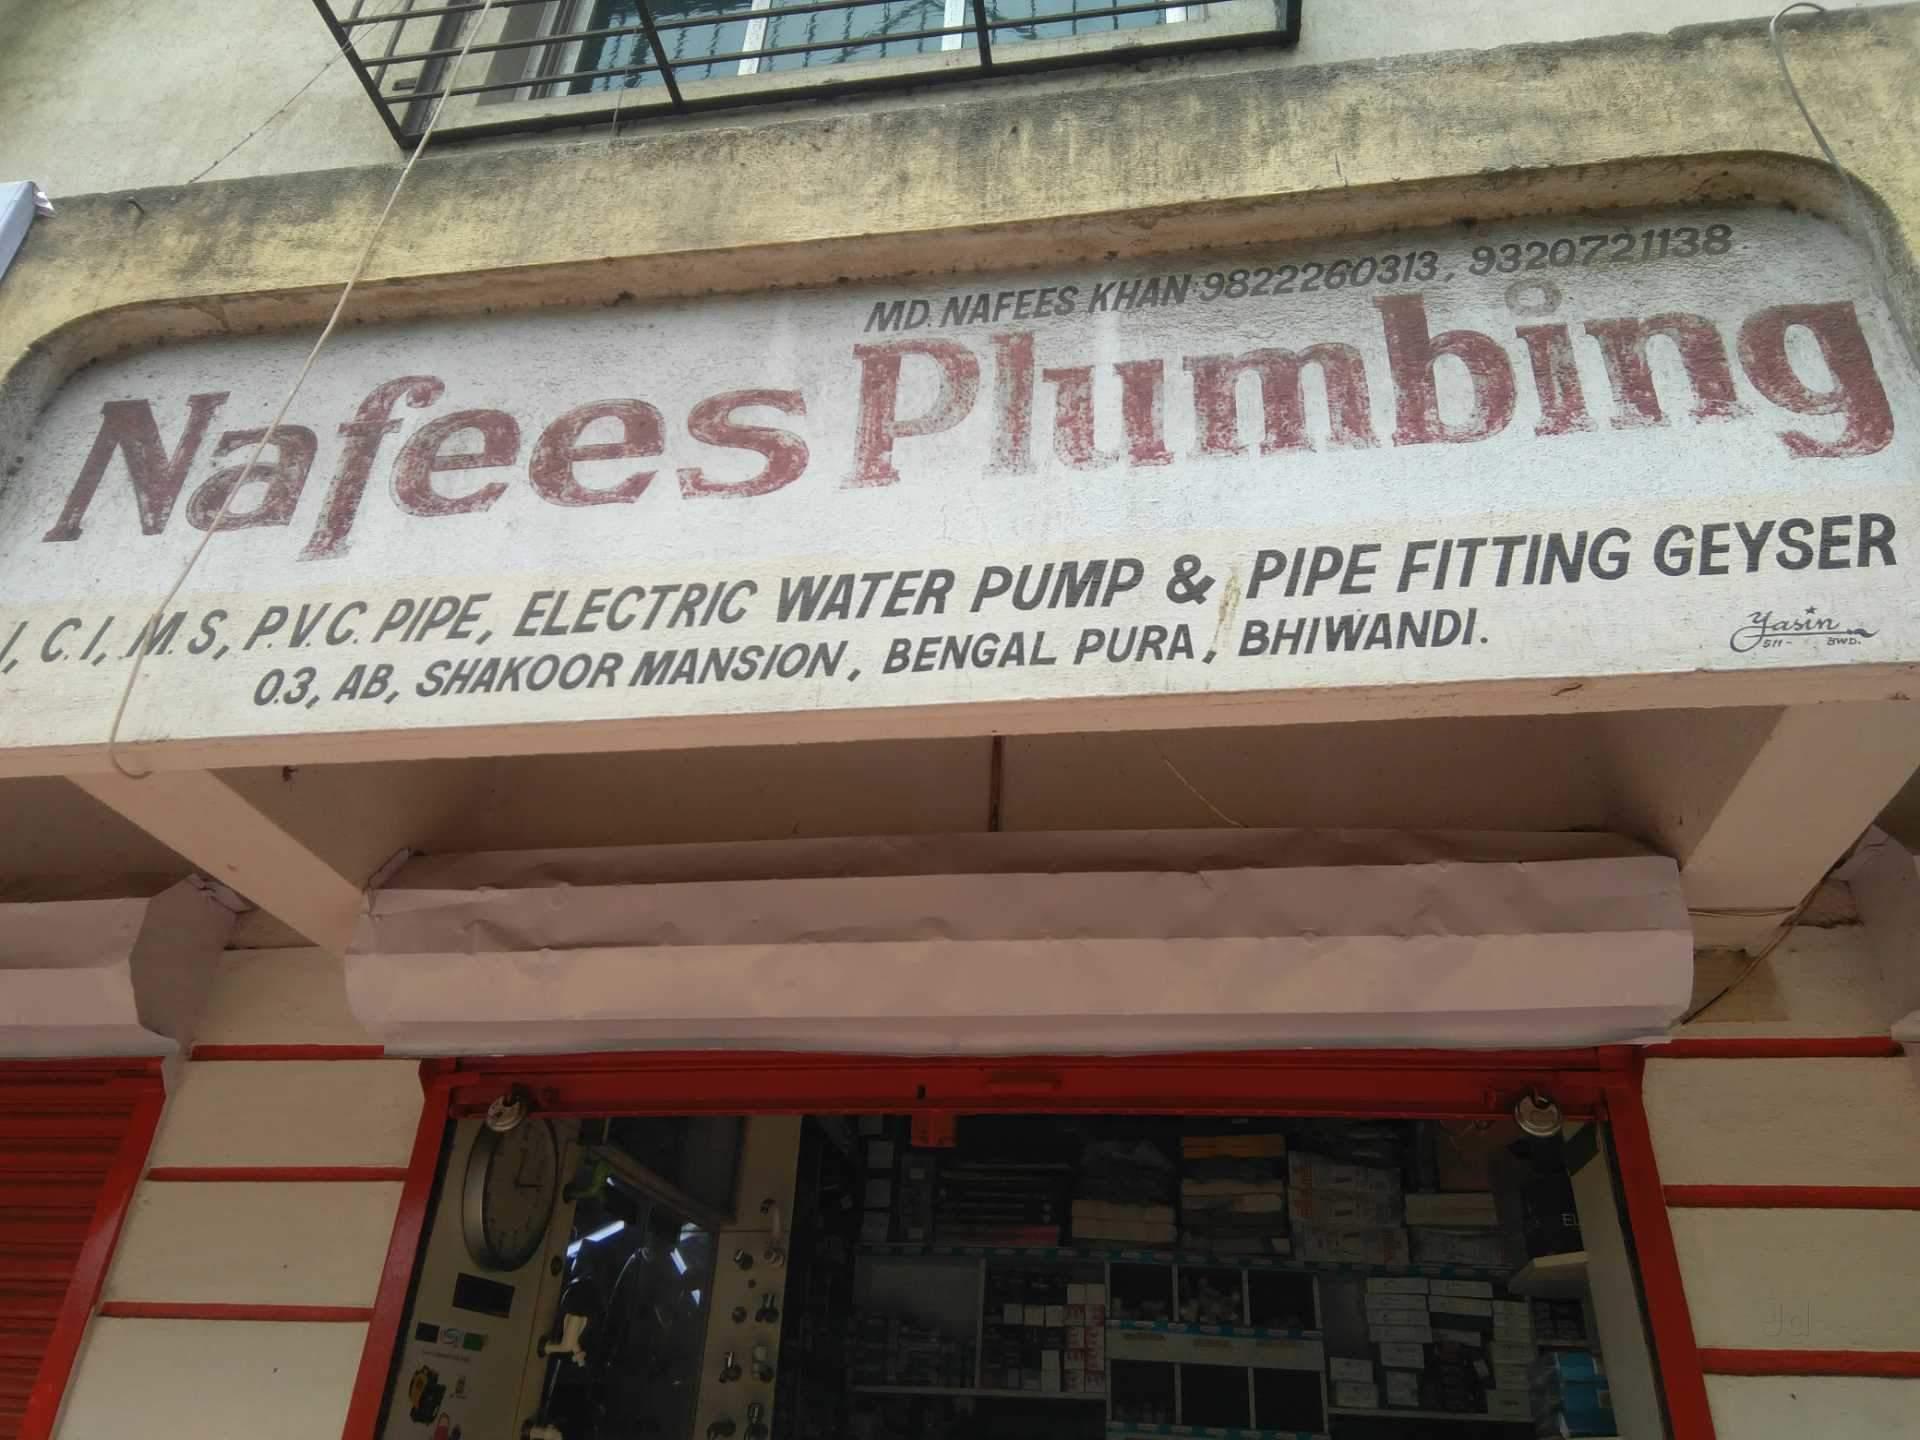 Plumber Sanitaryware Dealers in Anjur Phata, Mumbai - Buy Sanitary